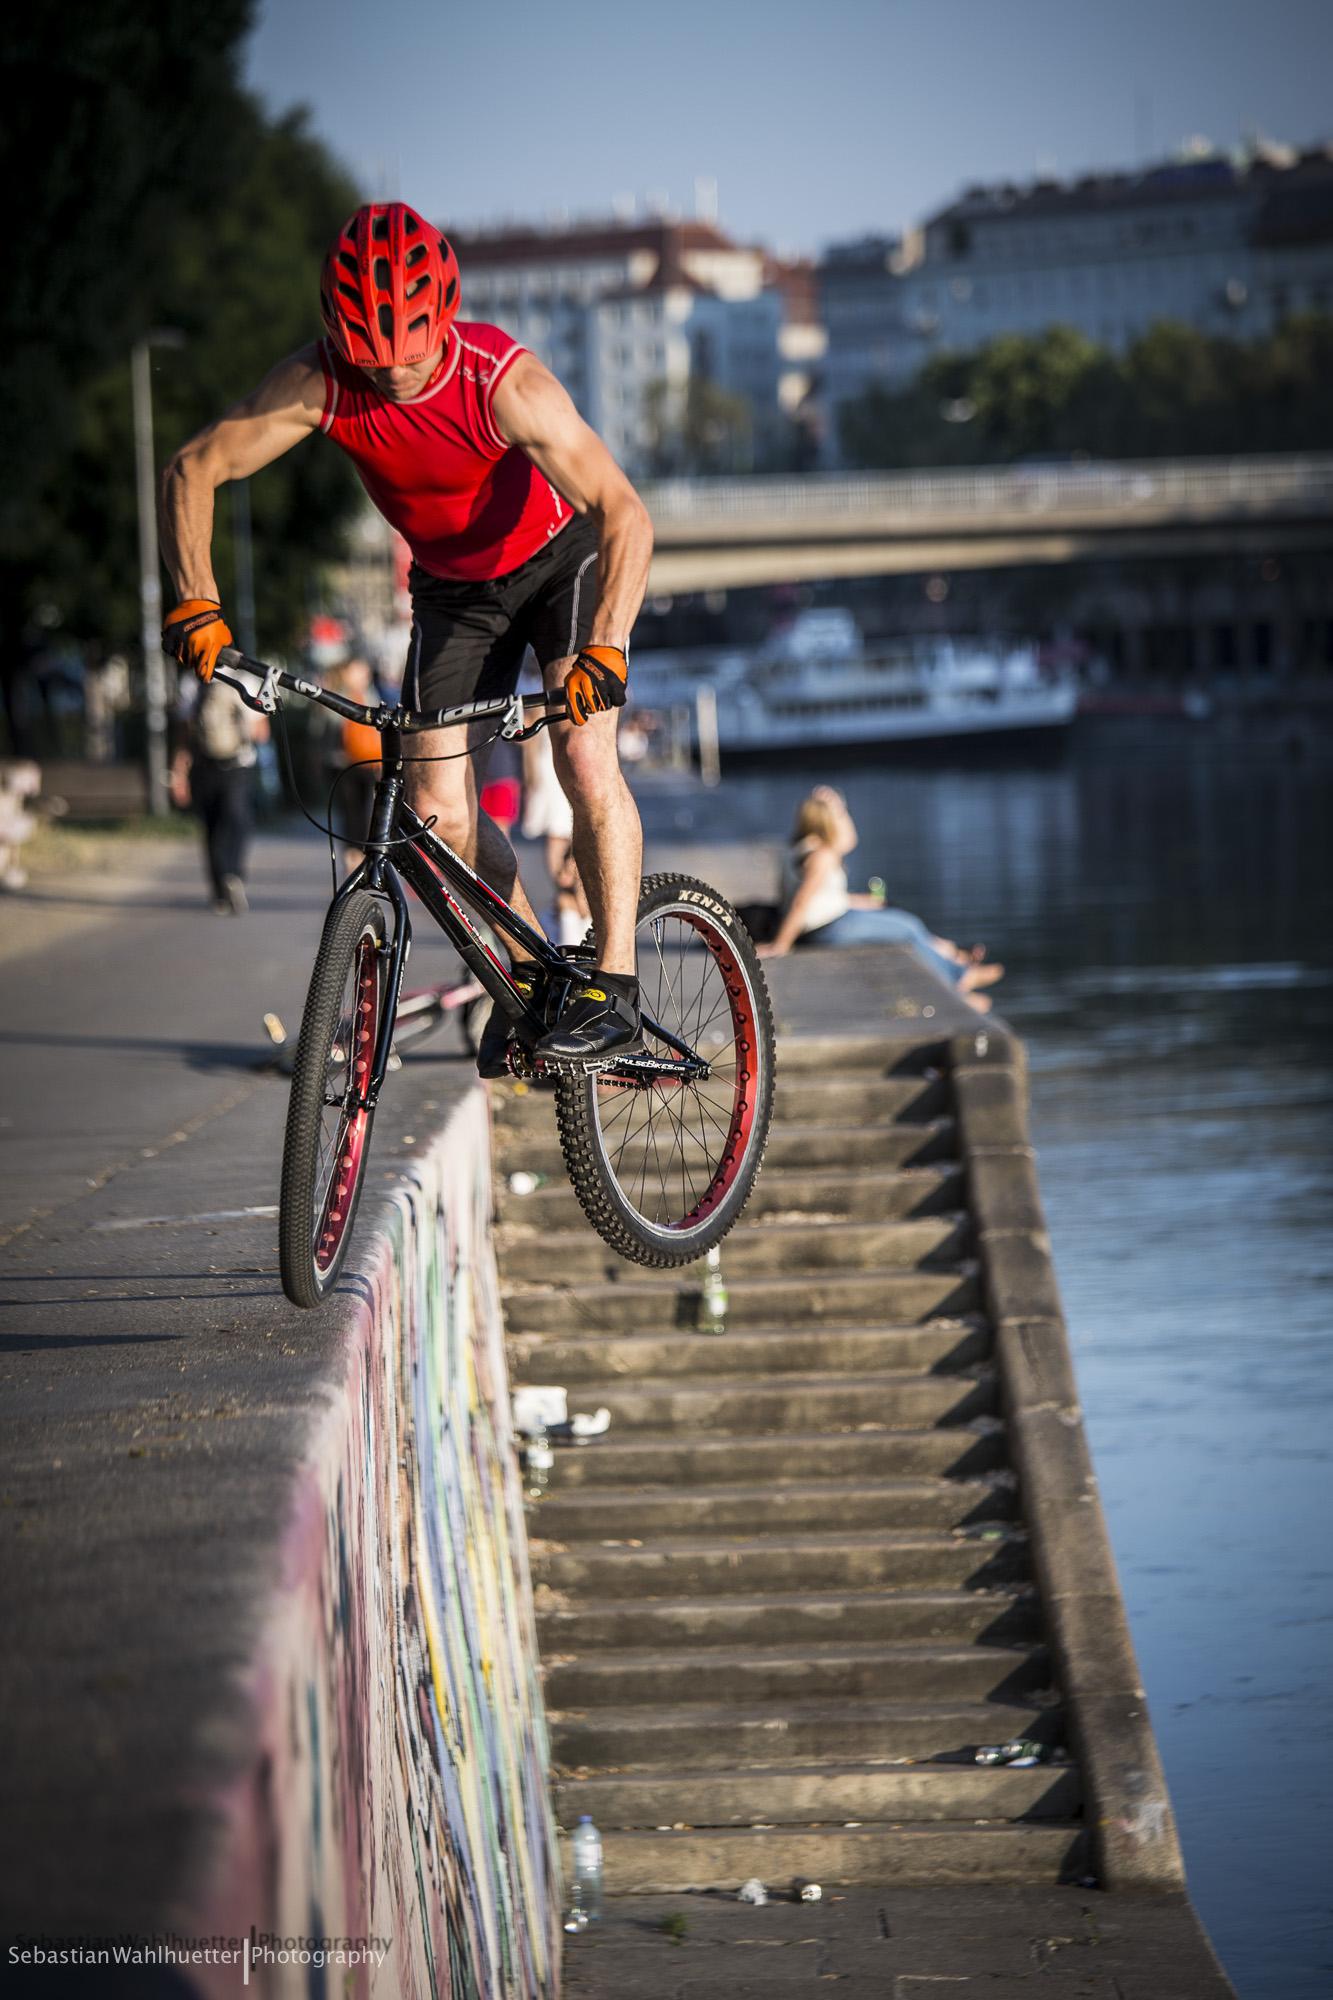 Biketrial-Wahlhuetter-Vienna-DK-3